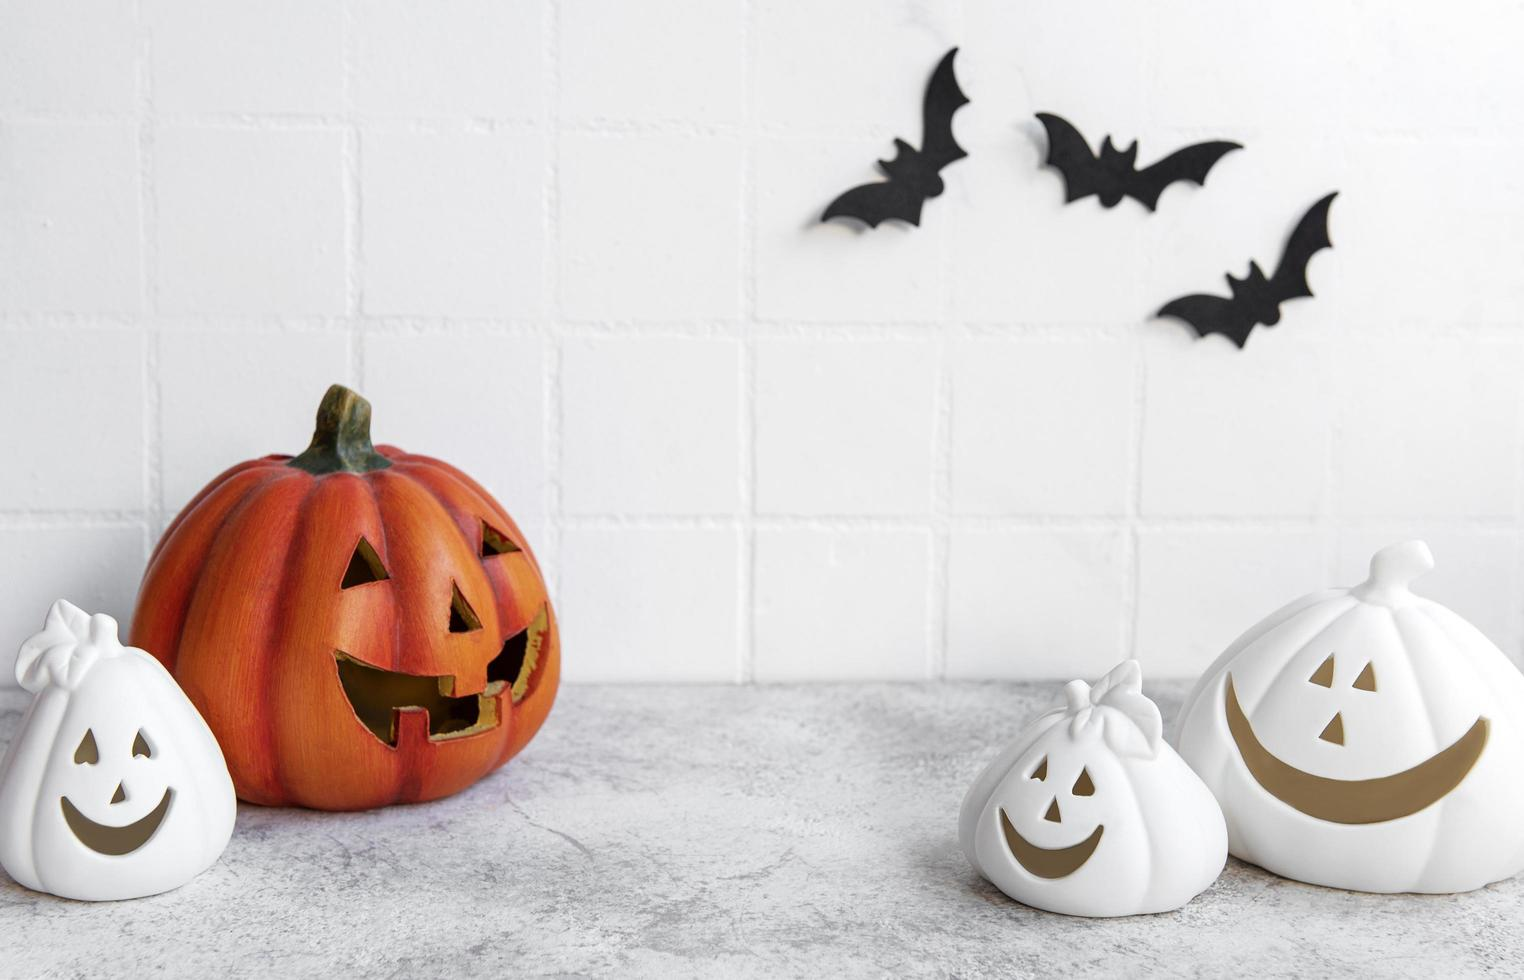 calabazas de halloween y decoración de jack o lantern foto